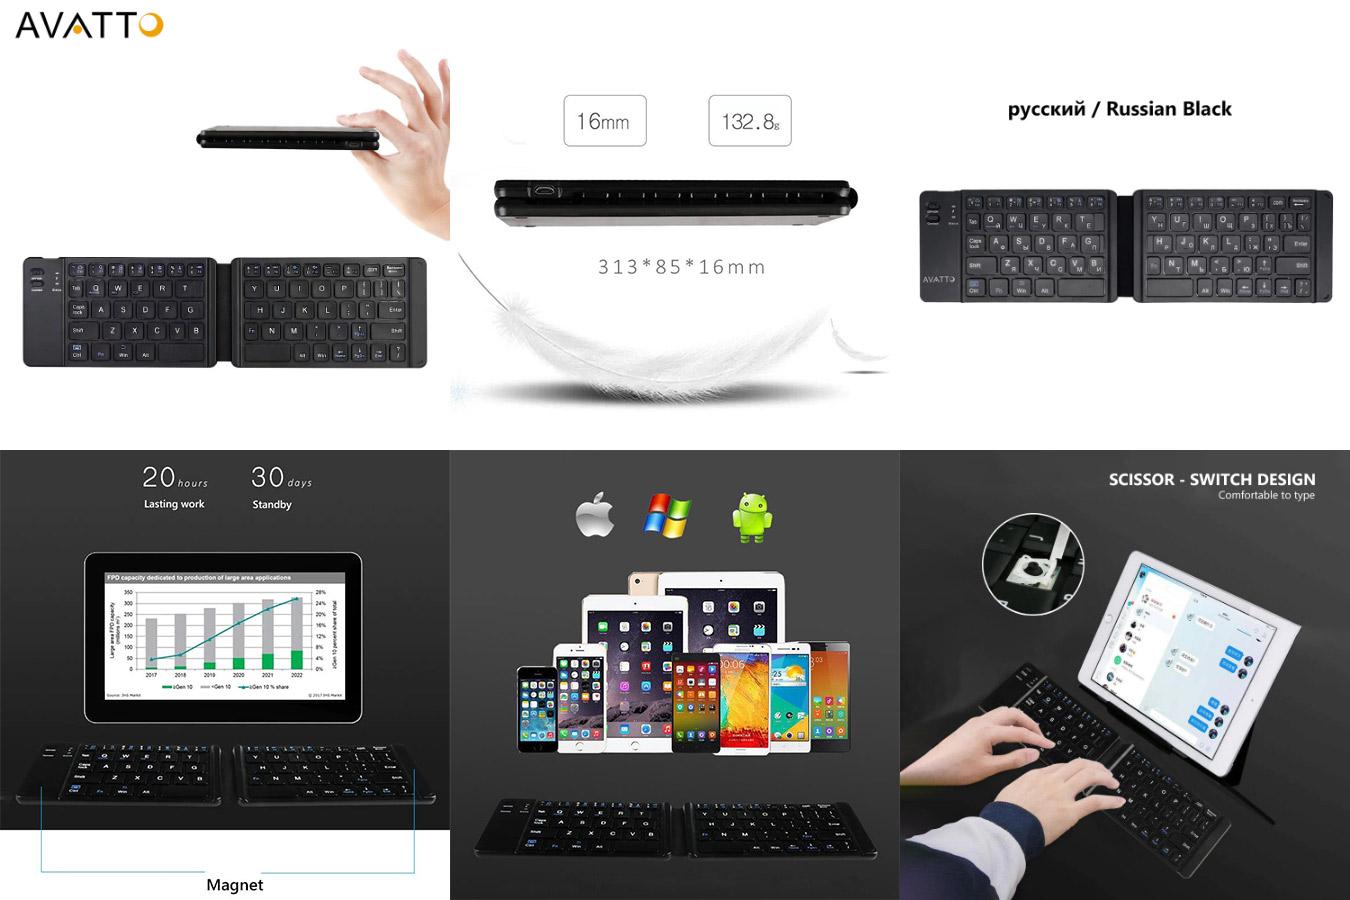 Складная клавиатура для смартфонов и планшетов